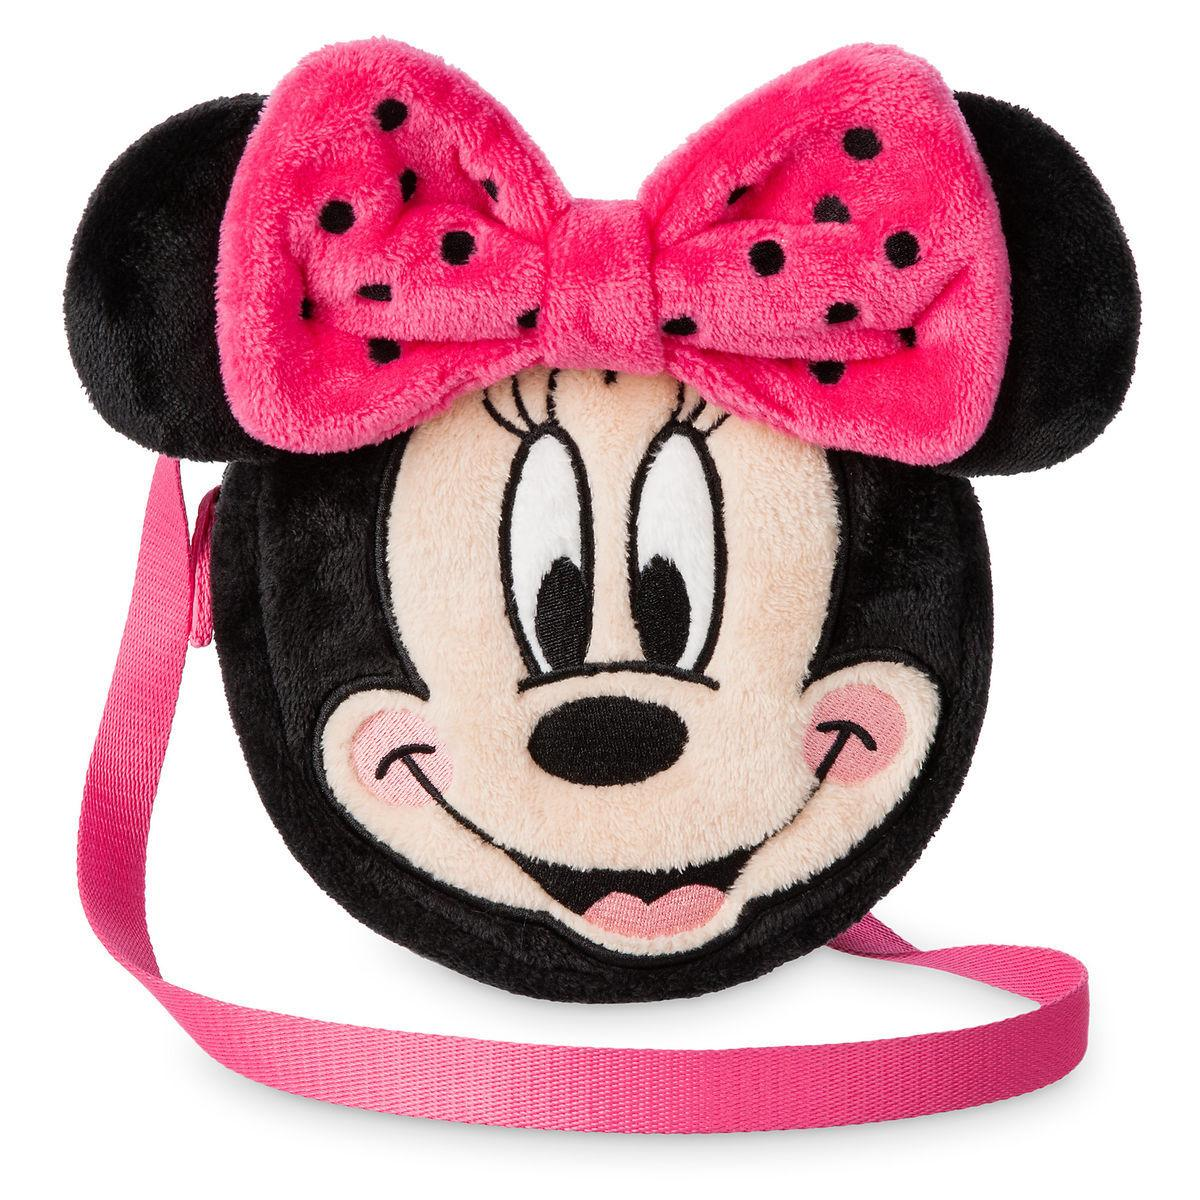 Cумочка с Минни Маус от Дисней / Minnie Mouse Bag Disney